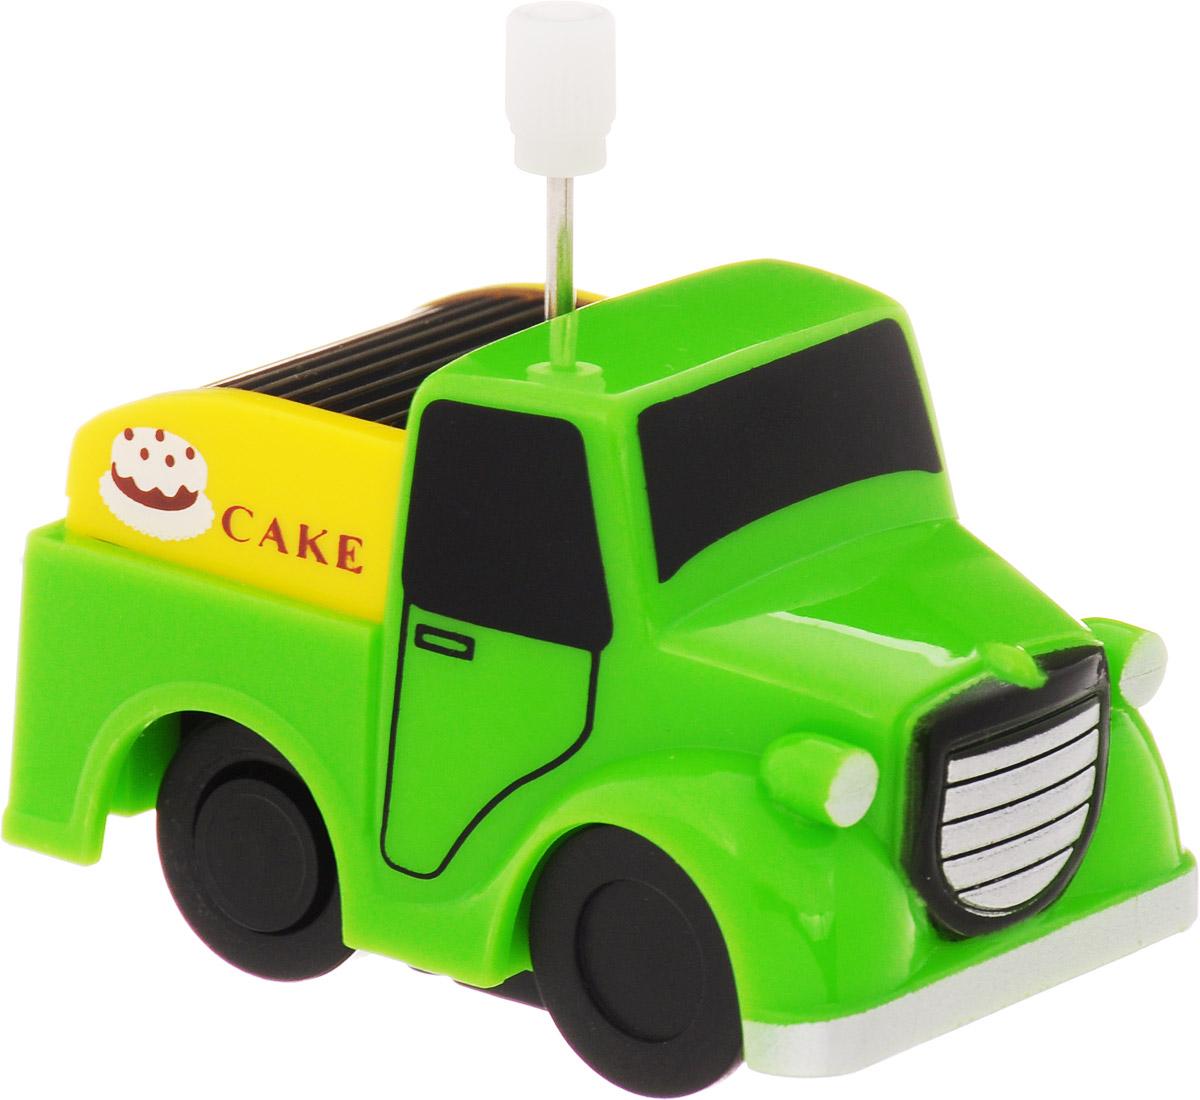 Hans Заводная игрушка Грузовичок Cake